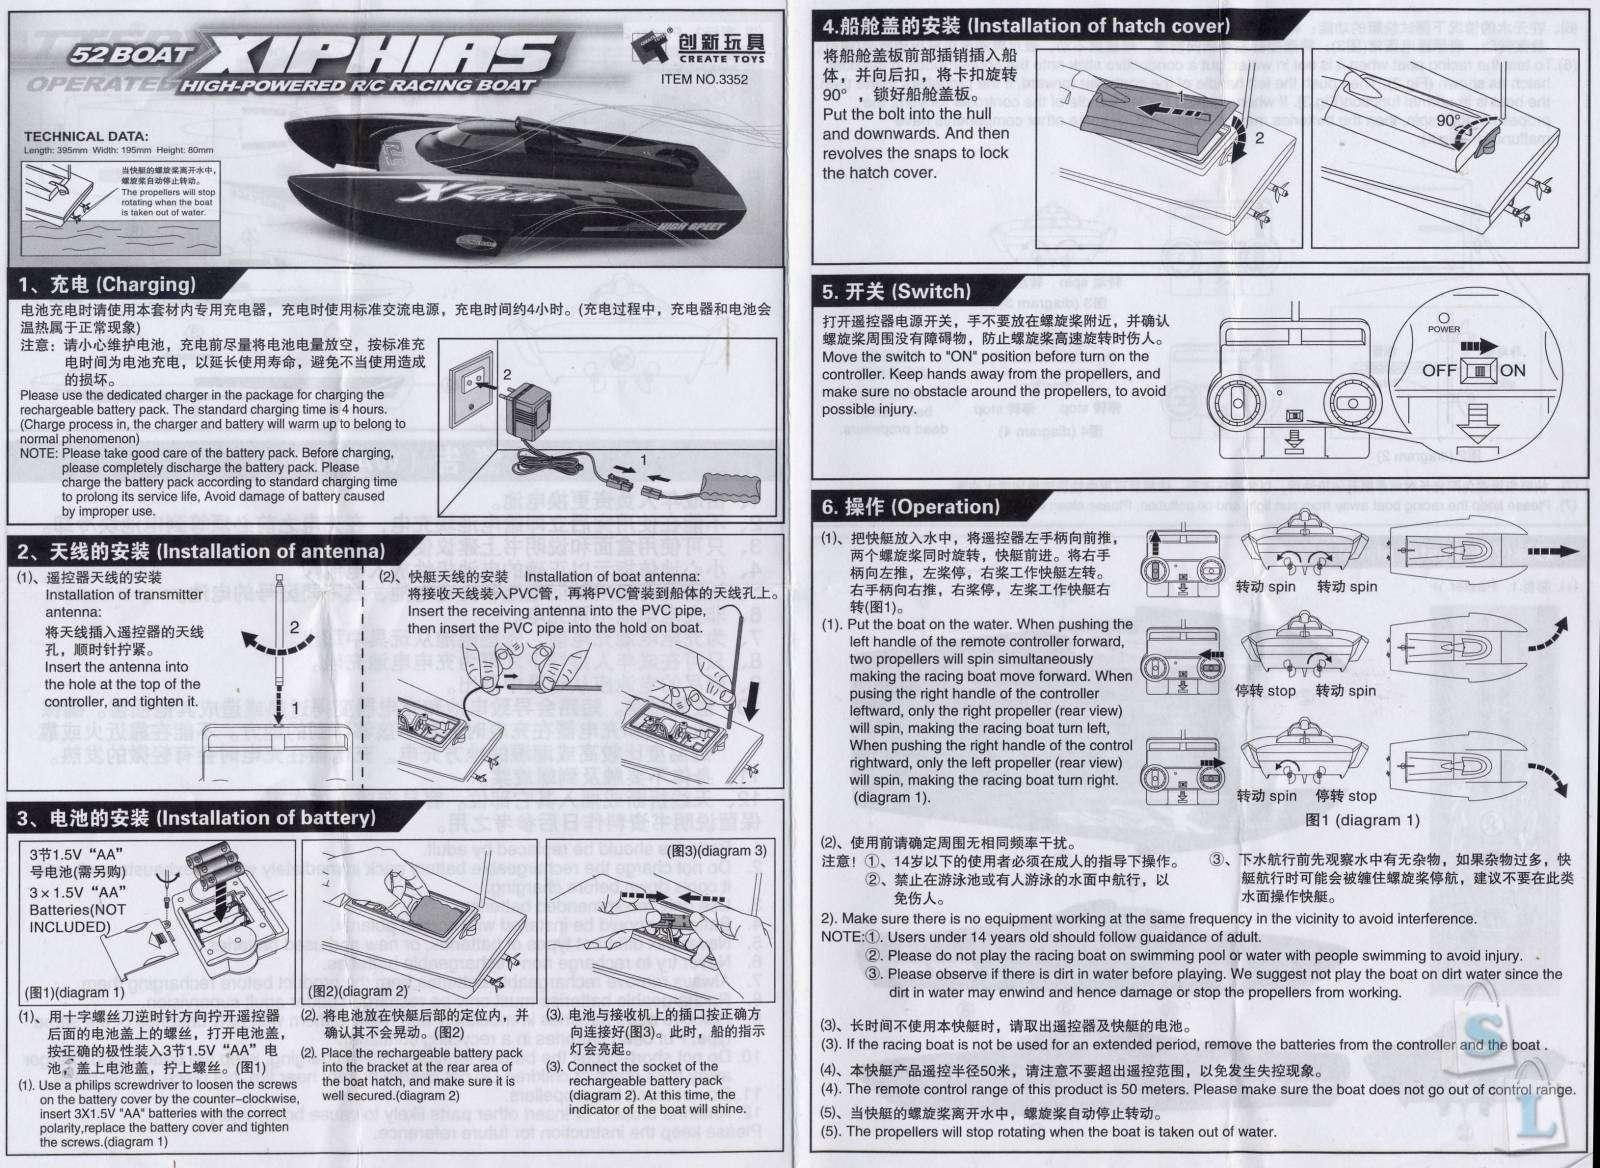 Banggood: Радиоуправляемая лодка с дизайном «под катамаран»